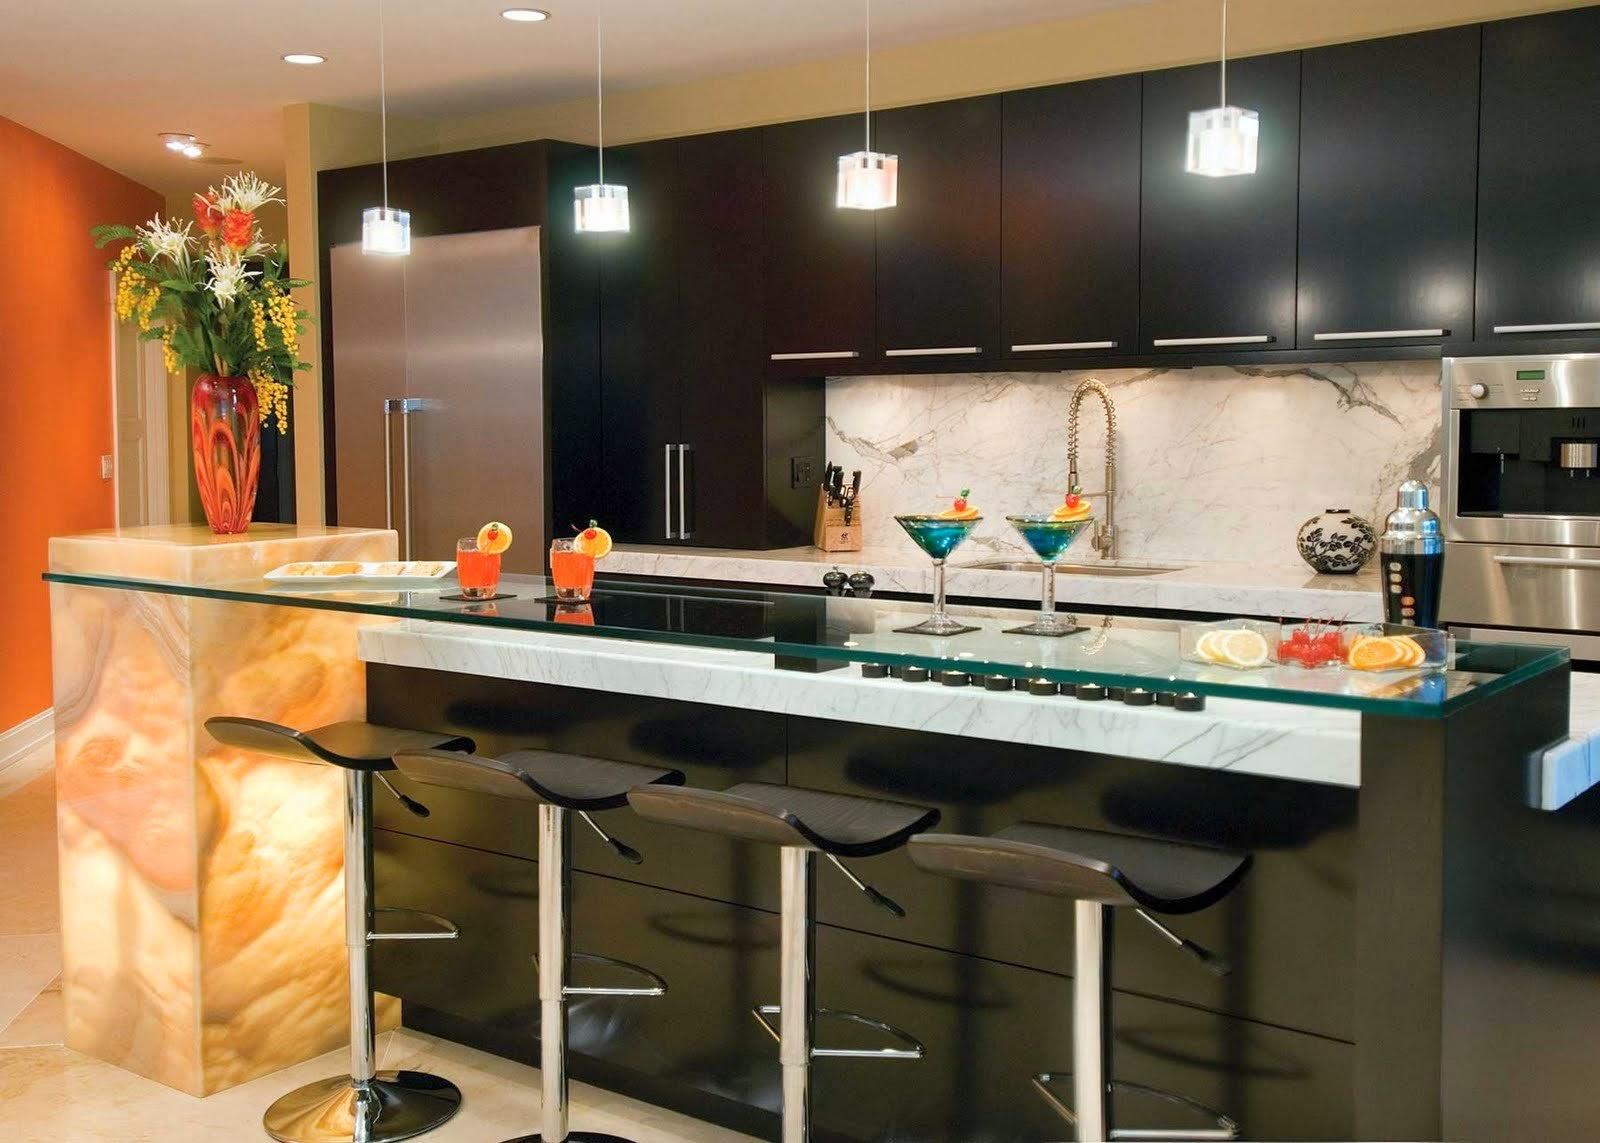 Luces Para Cocinas Iluminacin Para Cocinas Cocinas Lmparas  ~ Iluminacion Para Cocinas Techos